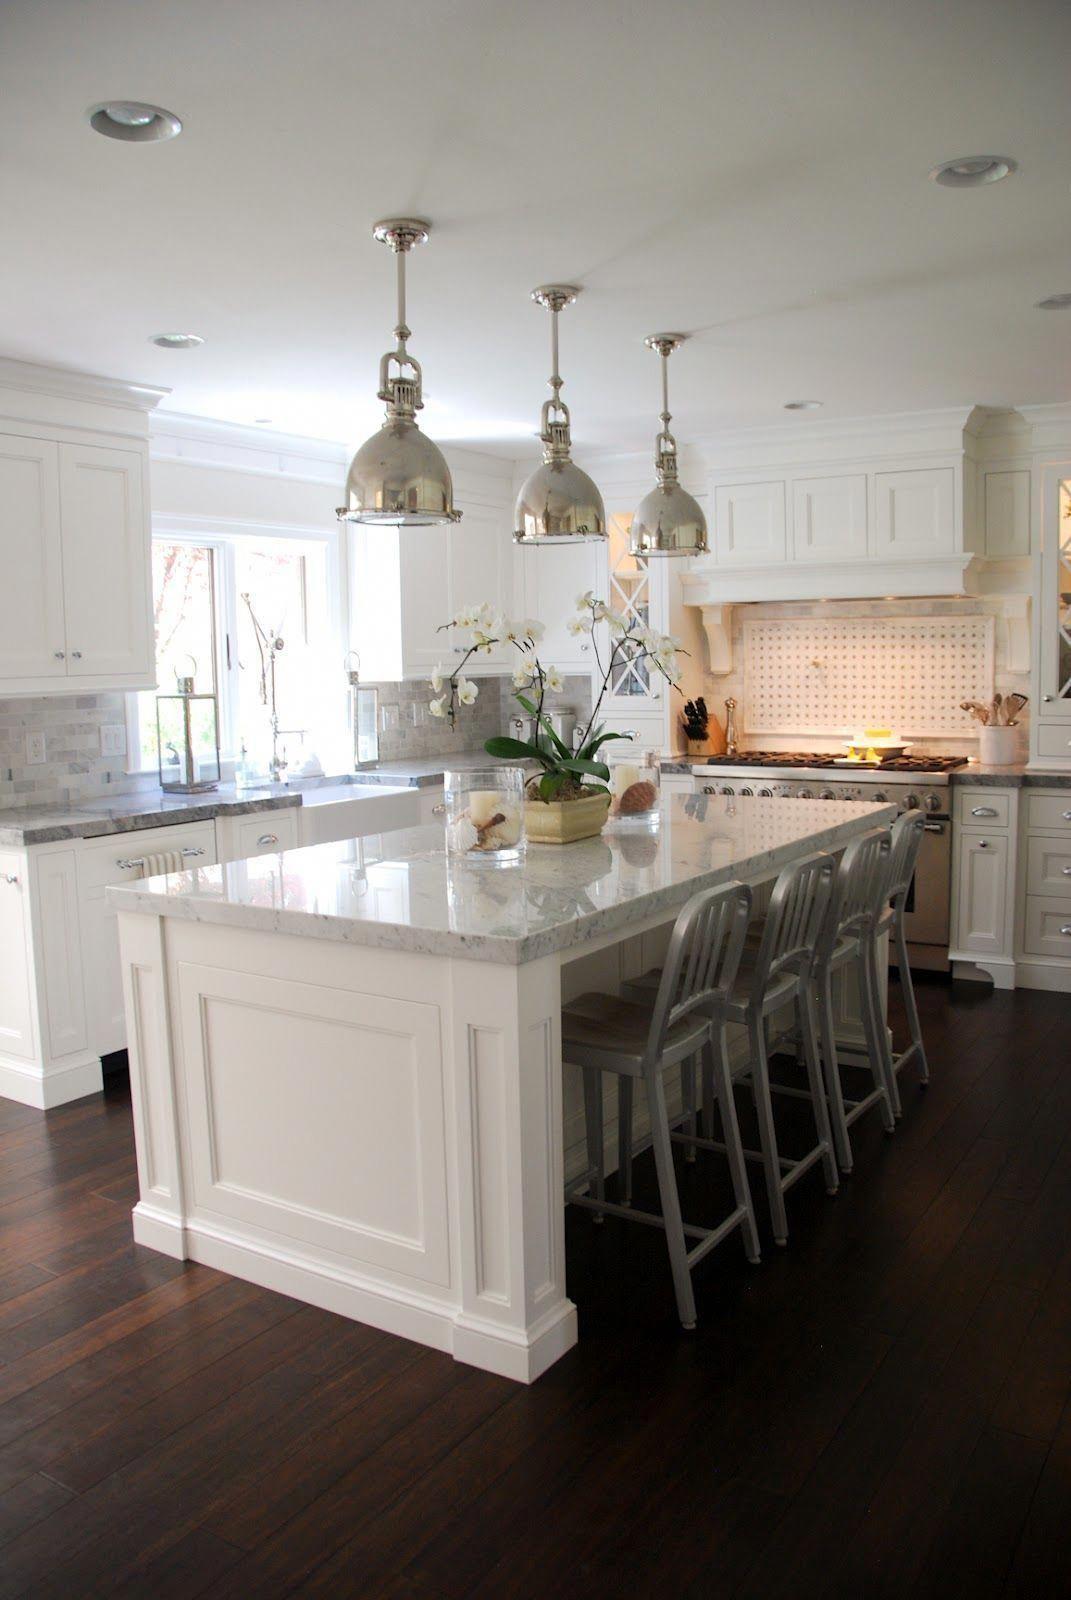 The 12 Best Small Kitchen Remodel Ideas Design Photos Kitchen Remodel Kitchen Design White Kitchen Design 12' kitchen island